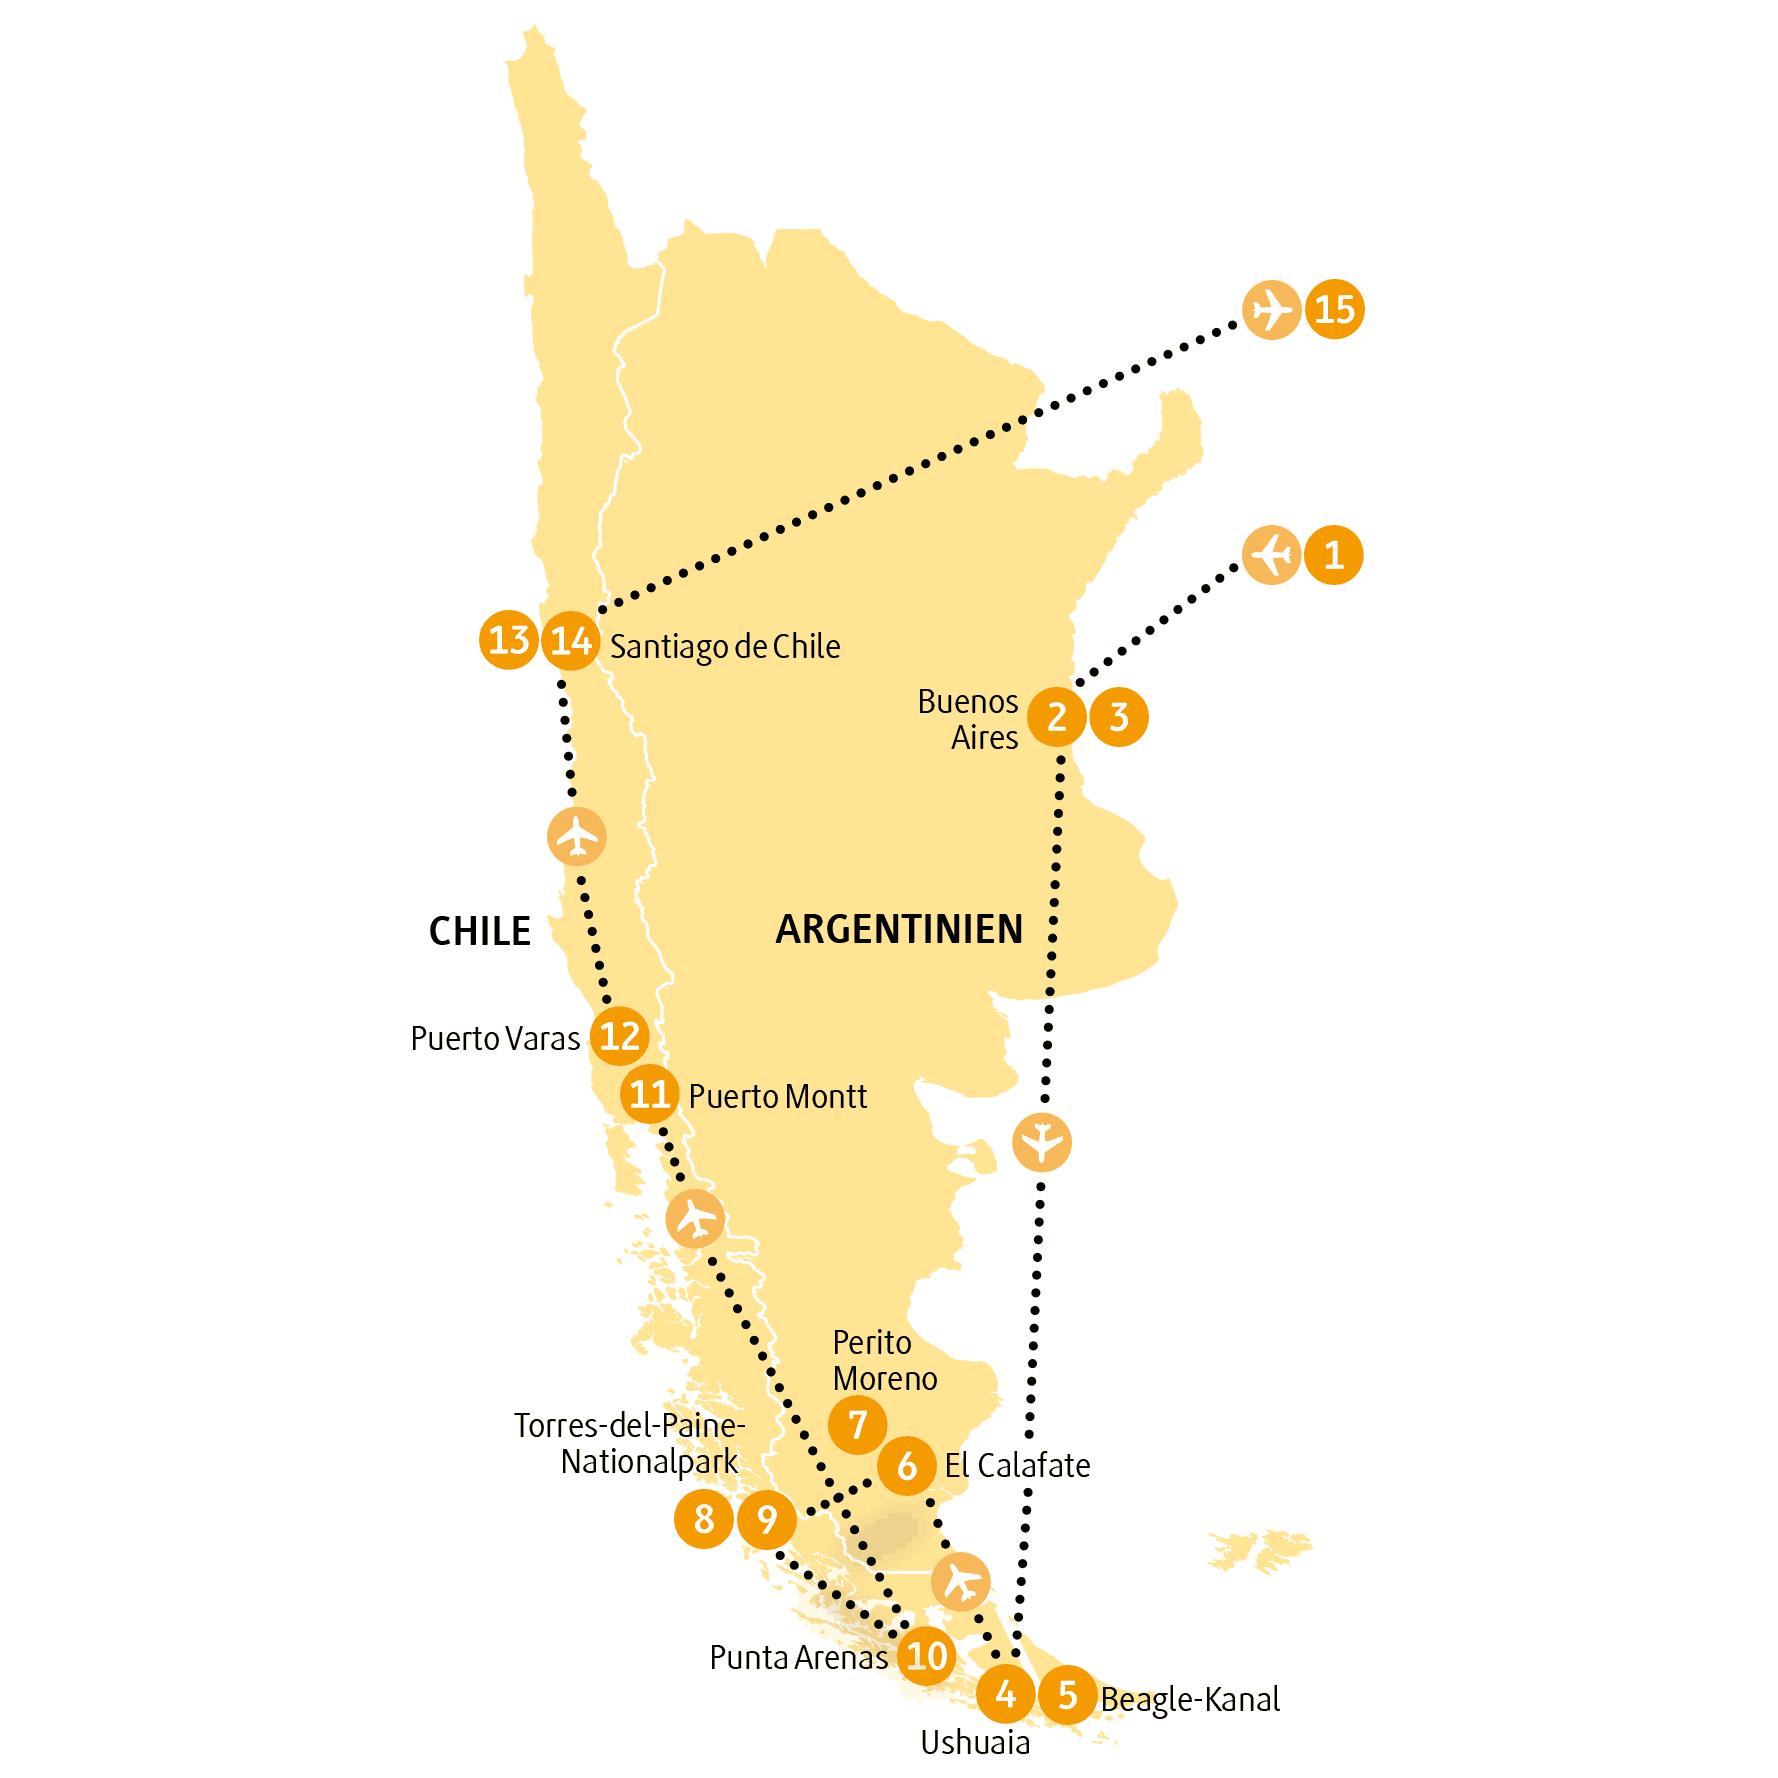 Argentinien Und Chile Entdecken Auf Der Chamaleon Wunderwelten Reise Patagonia 15 Tage Faszination Pur Zwischen Gletschern Argentinien Chile Chile Patagonien